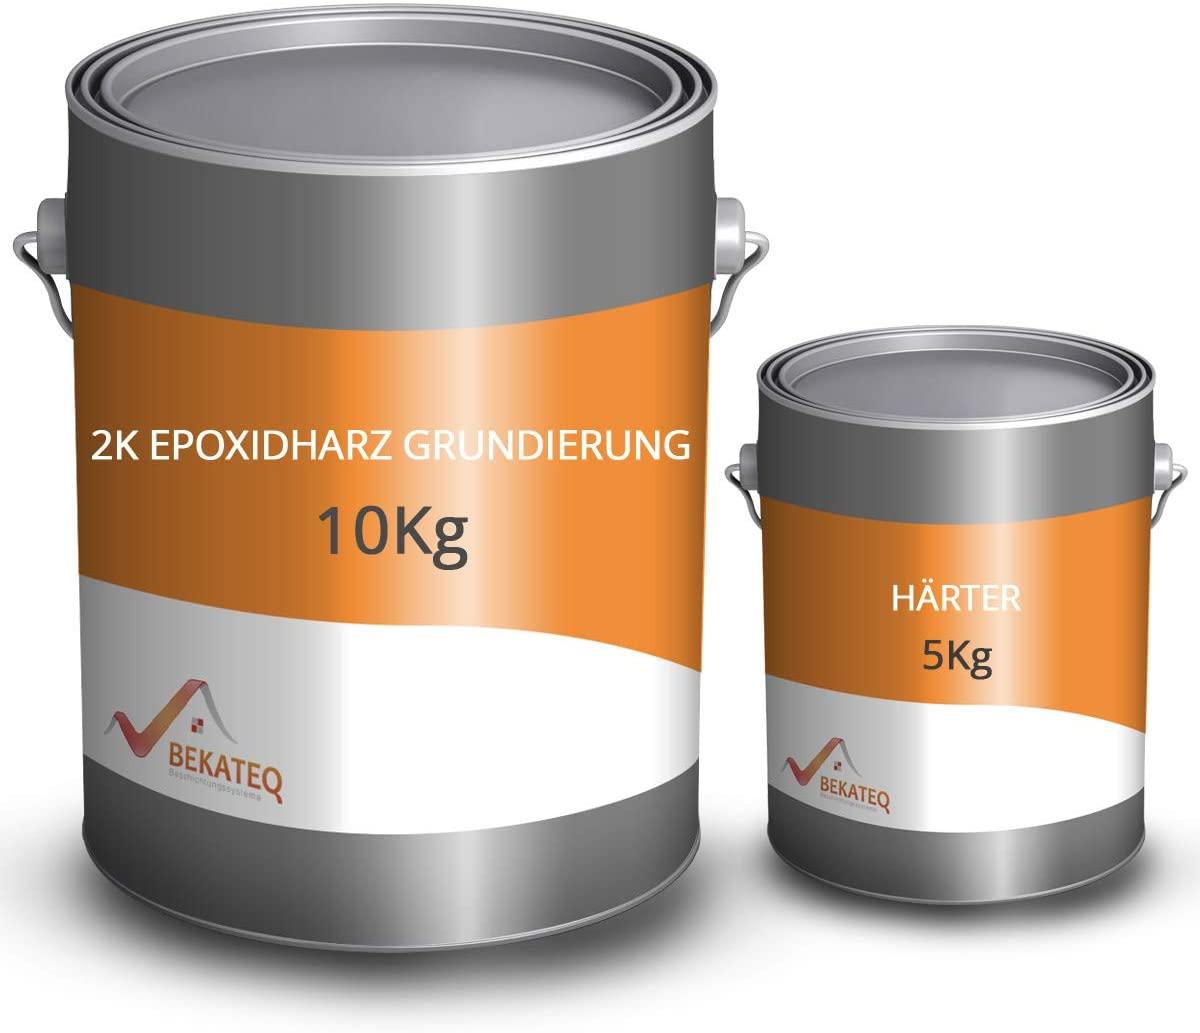 BEKATEQ 2K Grundierung BK-190EP für 2K Epoxidharz Bodenfarbe